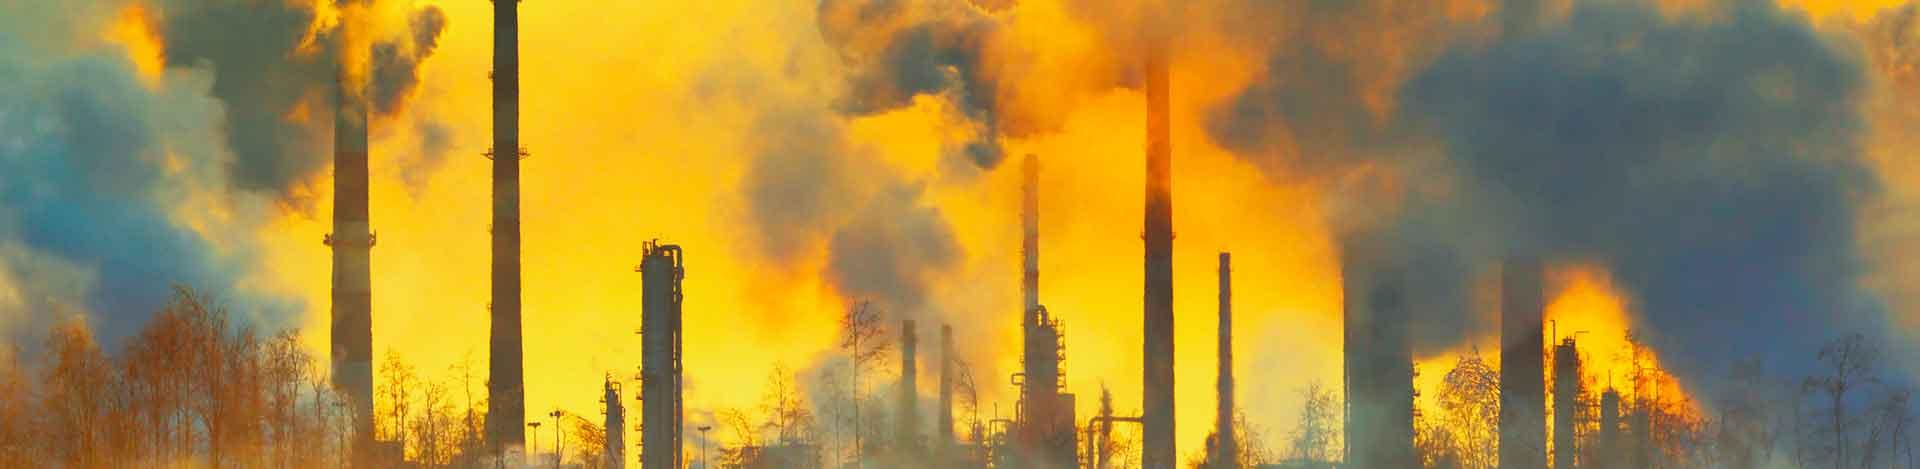 Comment limiter l'empreinte carbone ?